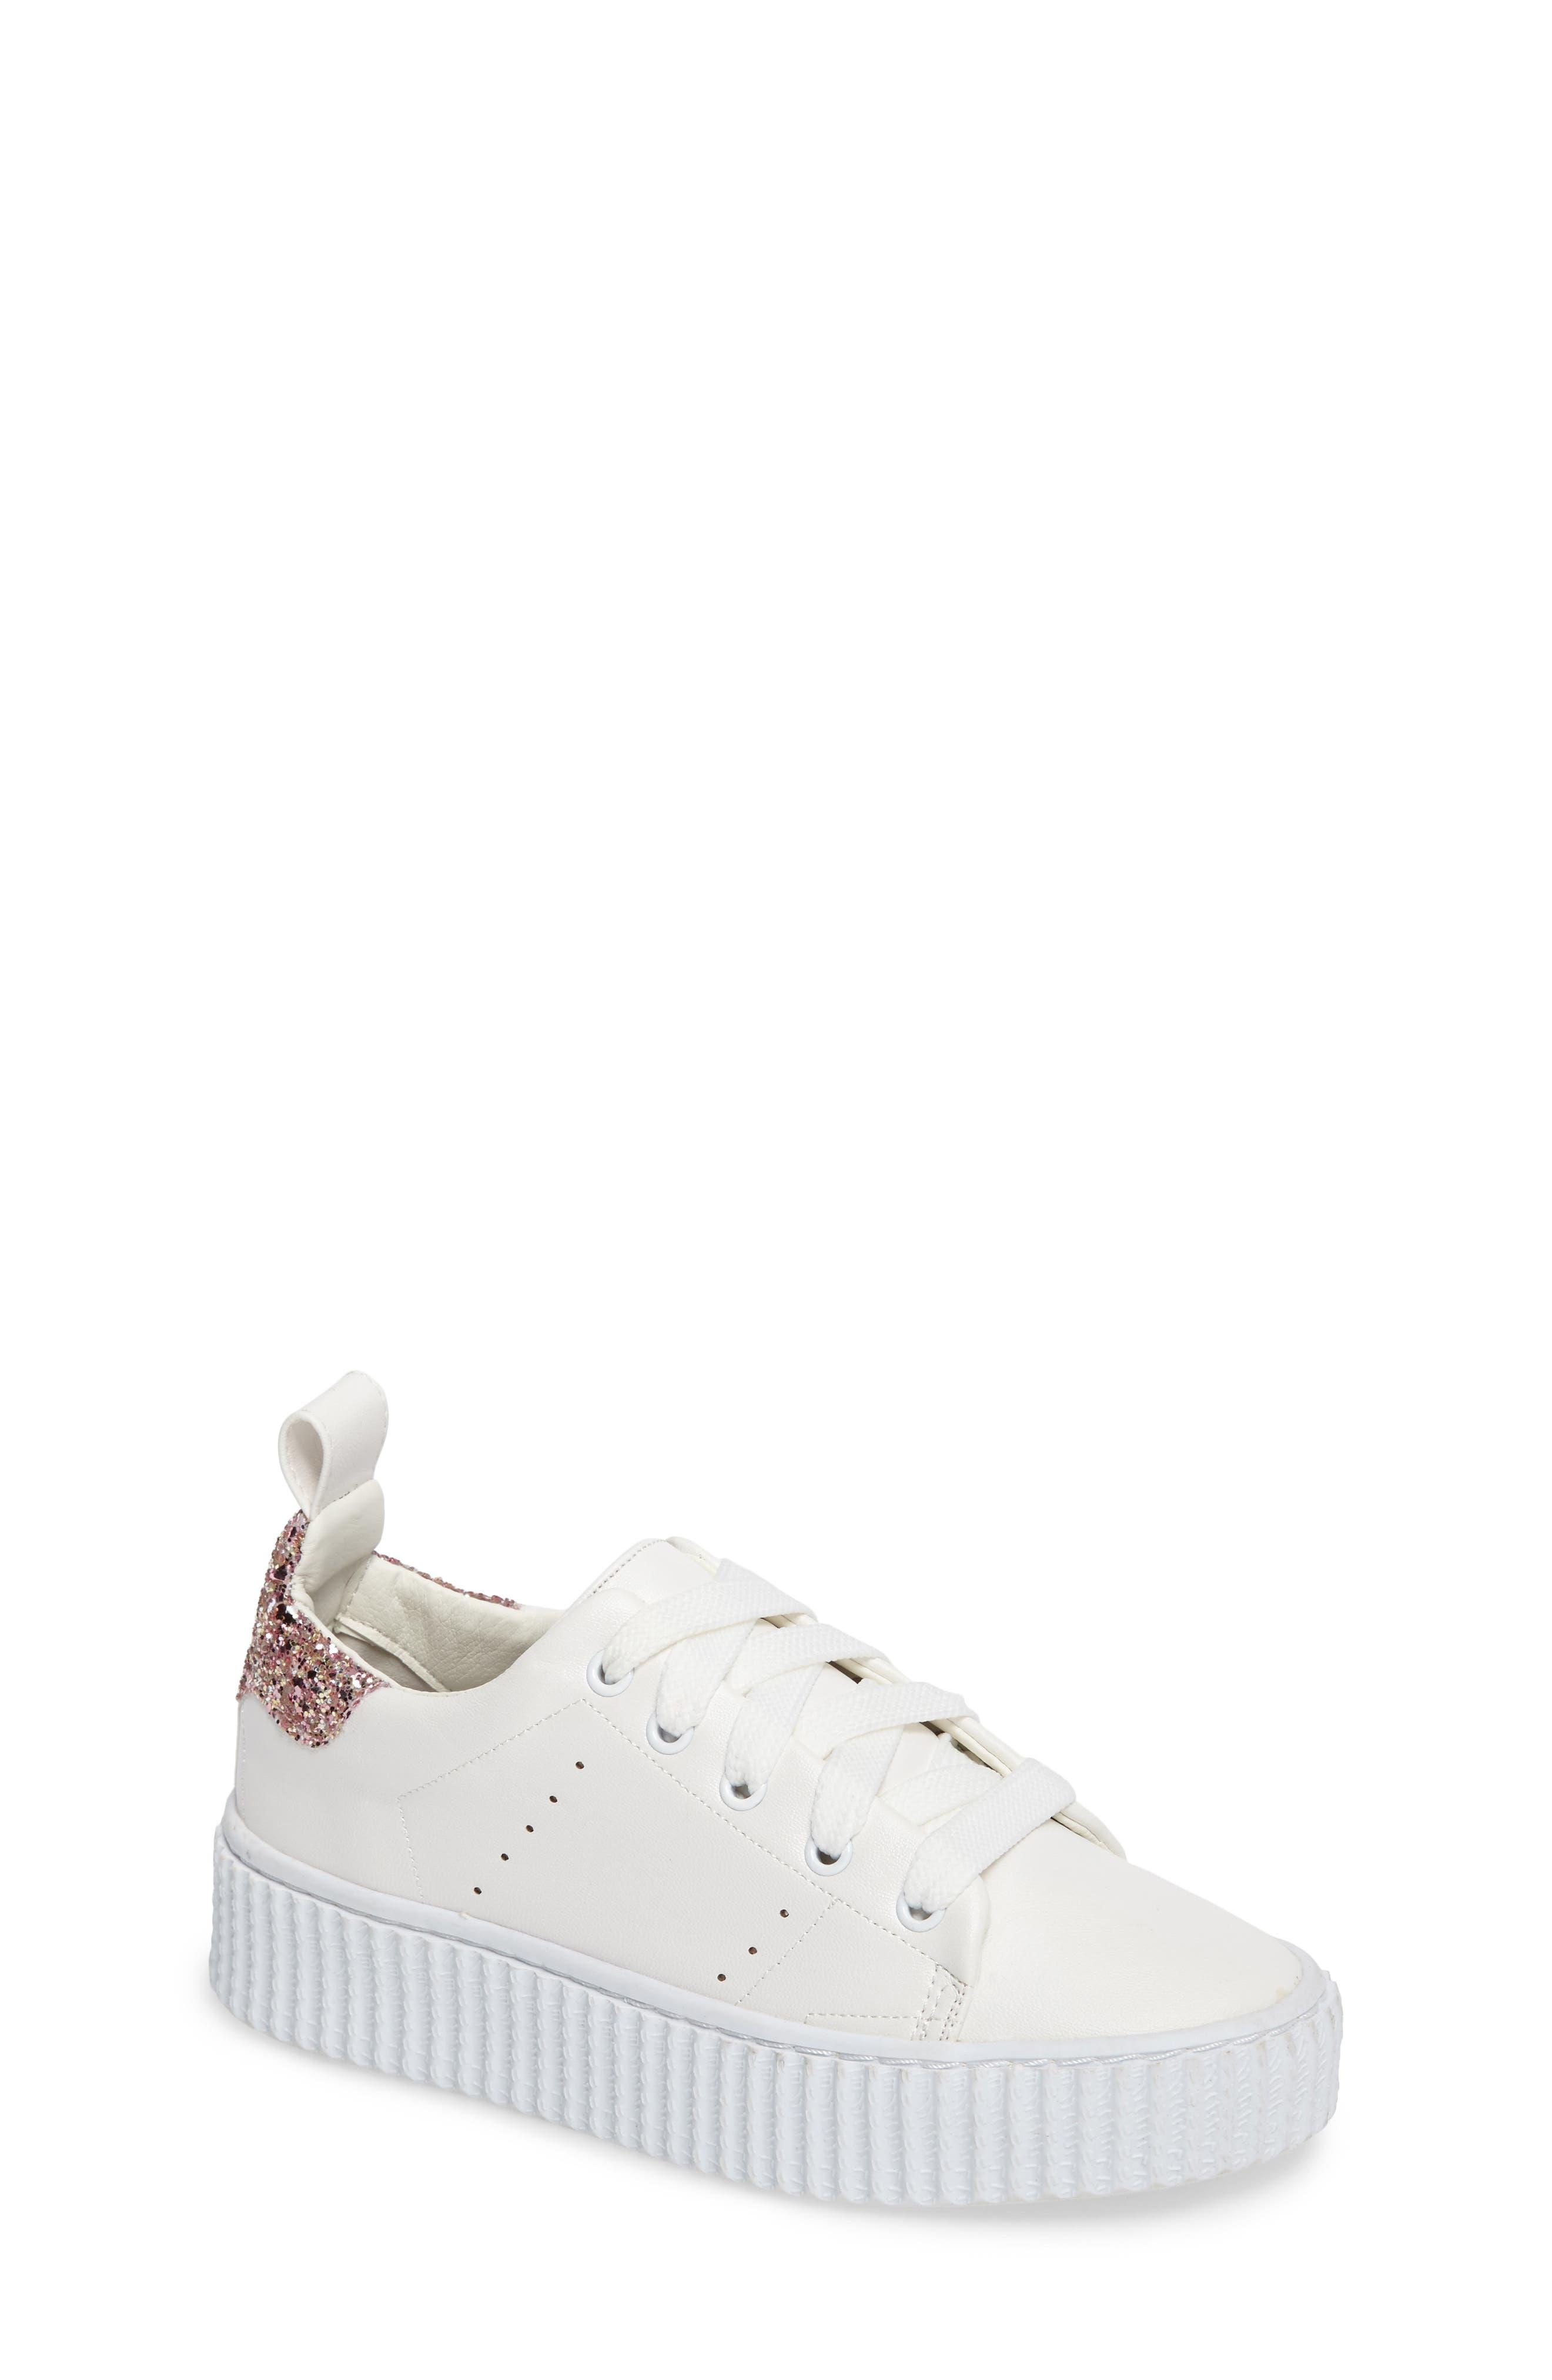 Wren Glitter Heel Sneaker,                             Main thumbnail 1, color,                             White